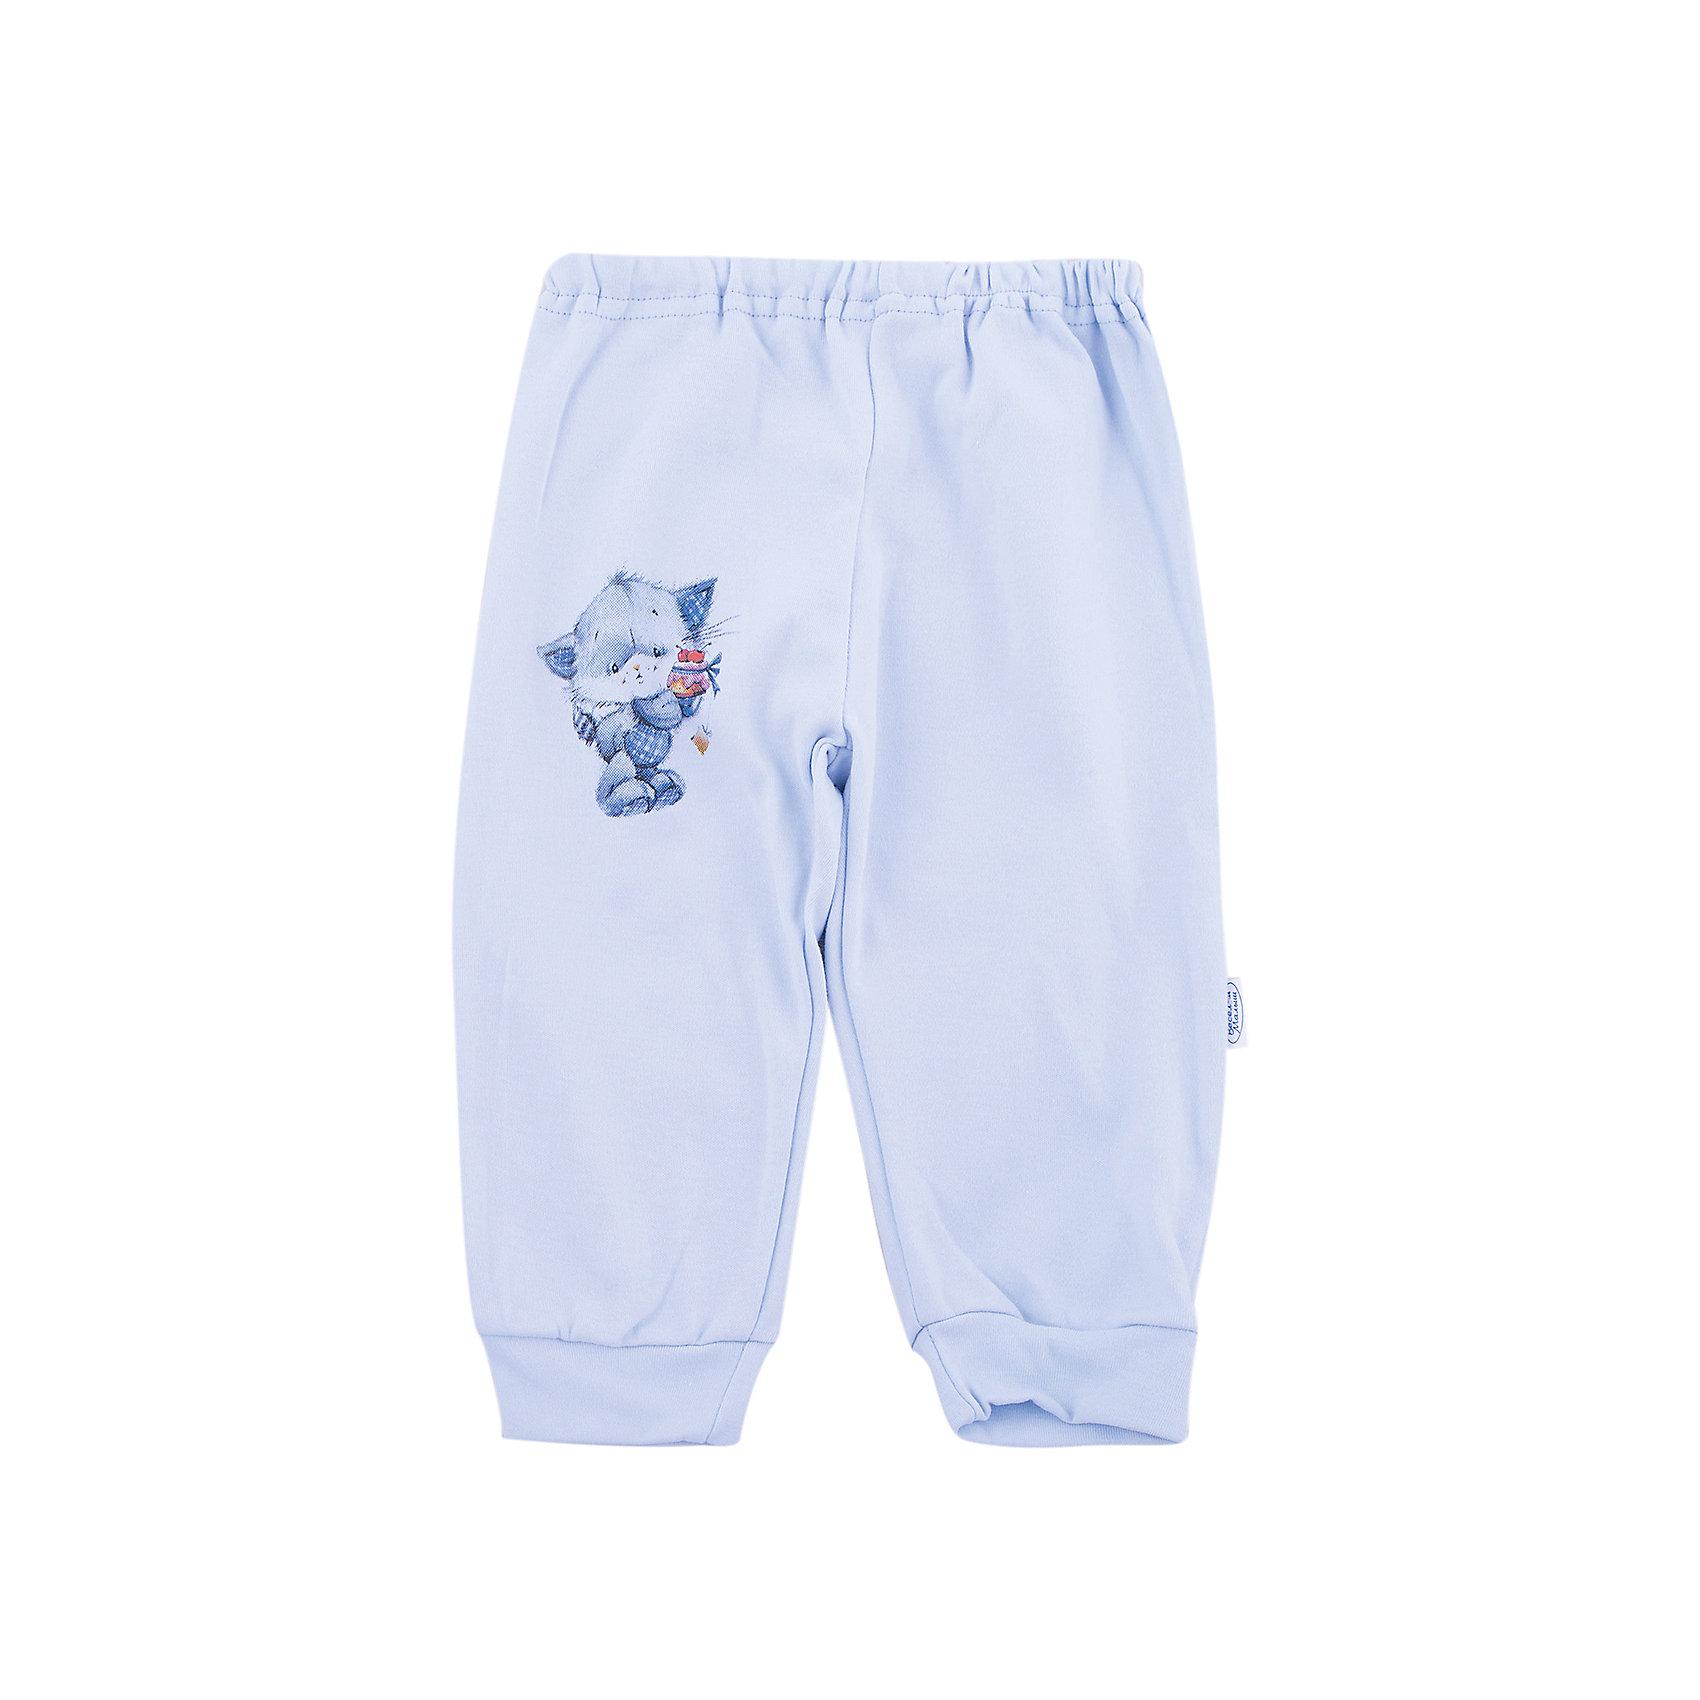 Штанишки Веселый малыш для мальчикаПолзунки и штанишки<br>Штанишки Веселый малыш для мальчика<br>Штанишки с манжетами Котик  из качественного натурального полотна (интерлок пенье).<br>Состав:<br>100%хлопок<br><br>Ширина мм: 157<br>Глубина мм: 13<br>Высота мм: 119<br>Вес г: 200<br>Цвет: голубой<br>Возраст от месяцев: 12<br>Возраст до месяцев: 18<br>Пол: Мужской<br>Возраст: Детский<br>Размер: 86,68,74,80<br>SKU: 7053294